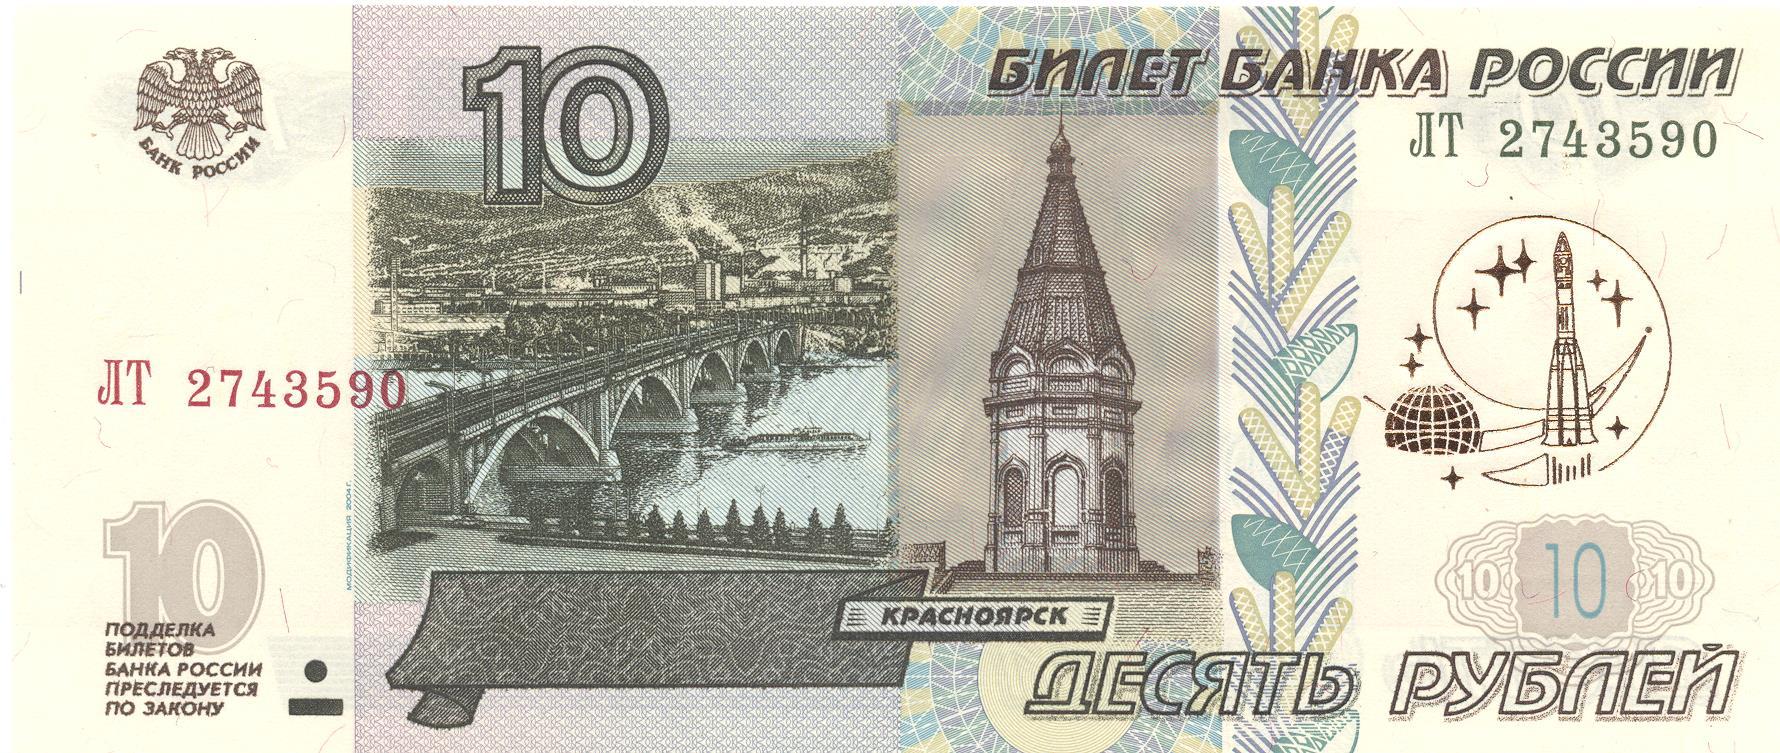 Банкноты с надпечаткой - ВКонтакте и Инстаграм